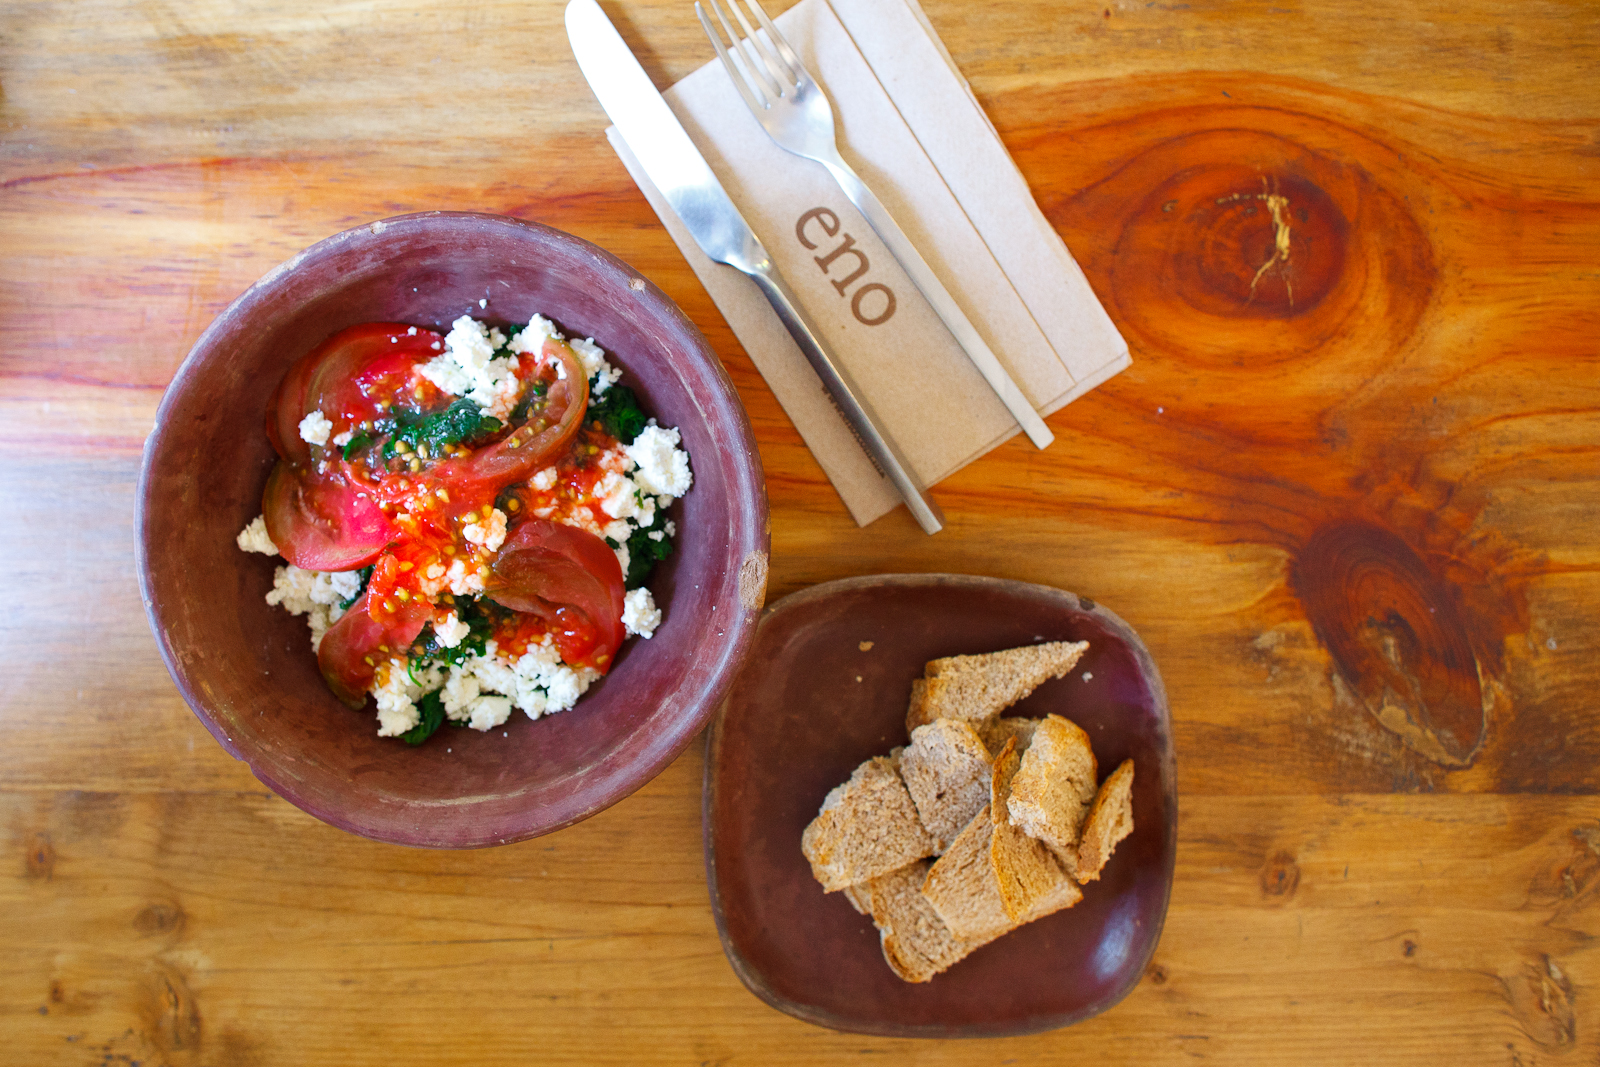 Ensalada de quintonil, queso de cabra, aguacate, y tomate (Quintonil salad with goat cheese, avocado, and tomato) (145 MXP)